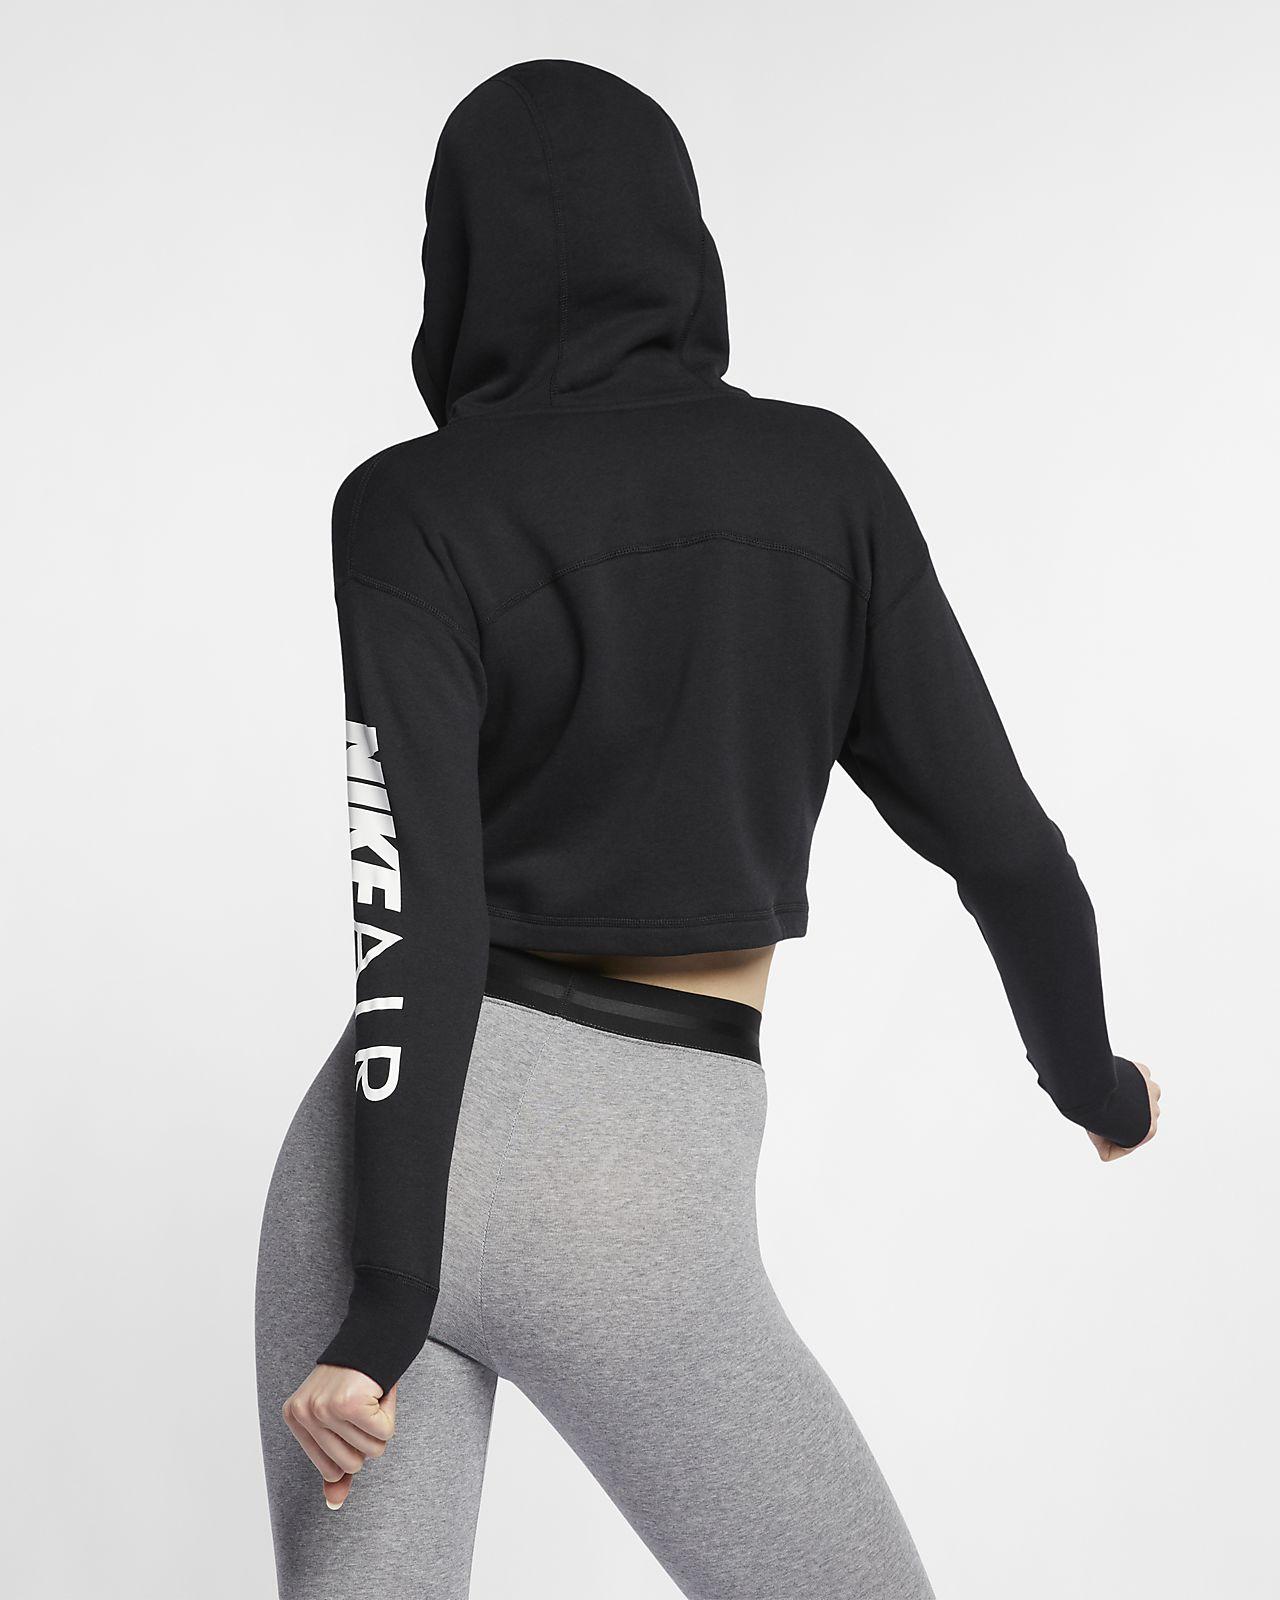 bebb59937965 ... Γυναικεία φλις μπλούζα με κουκούλα και φερμουάρ σε όλο το μήκος Nike Air